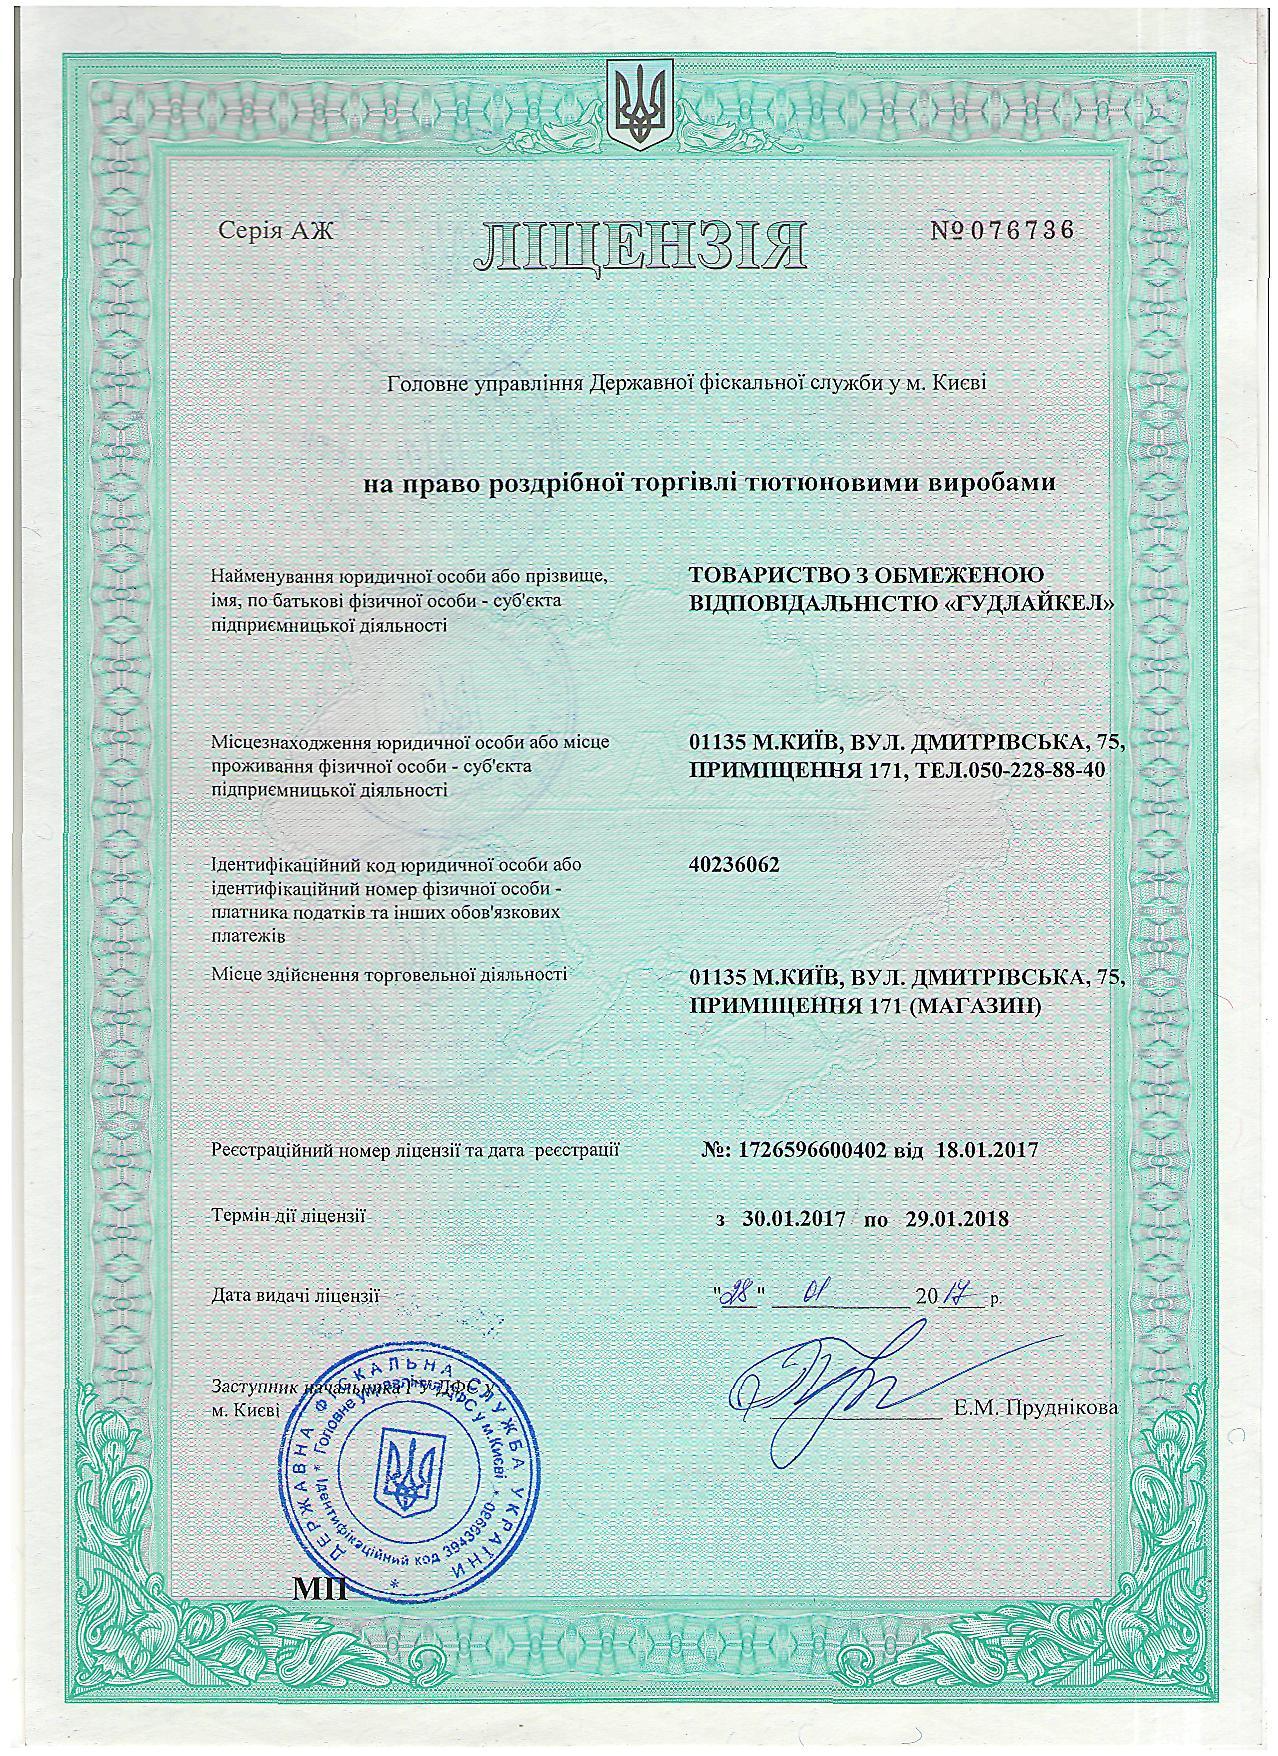 Какую доверенность нужно сделать для получение документов государственной регистрации